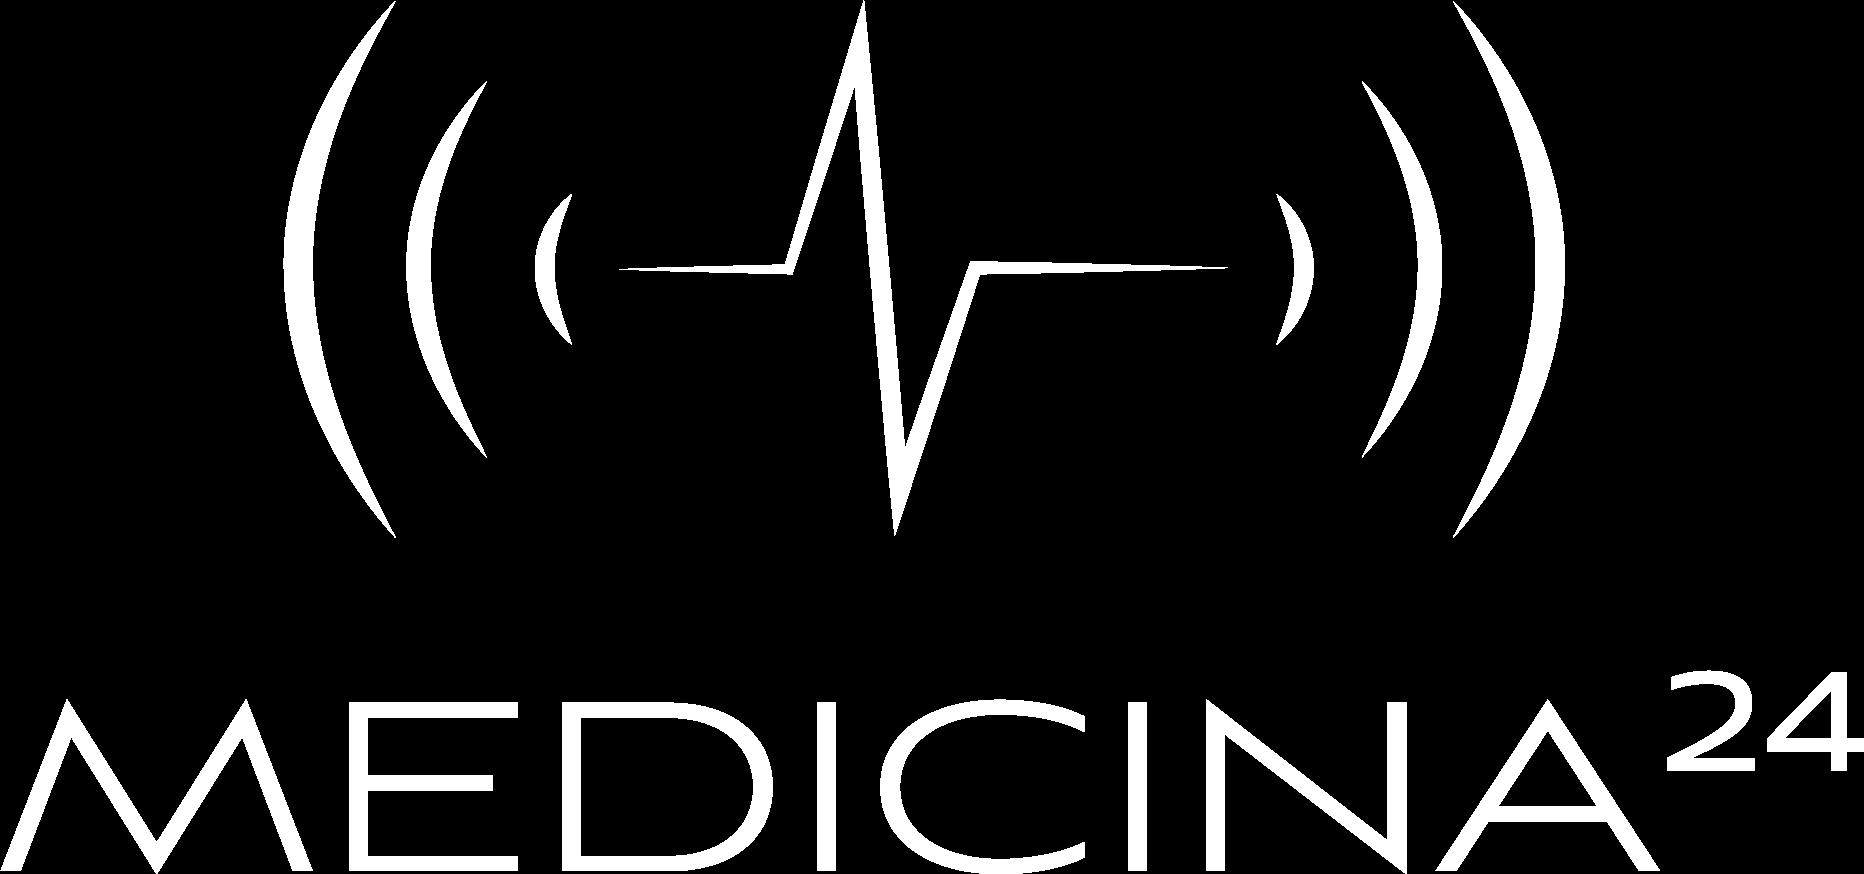 Medicina24